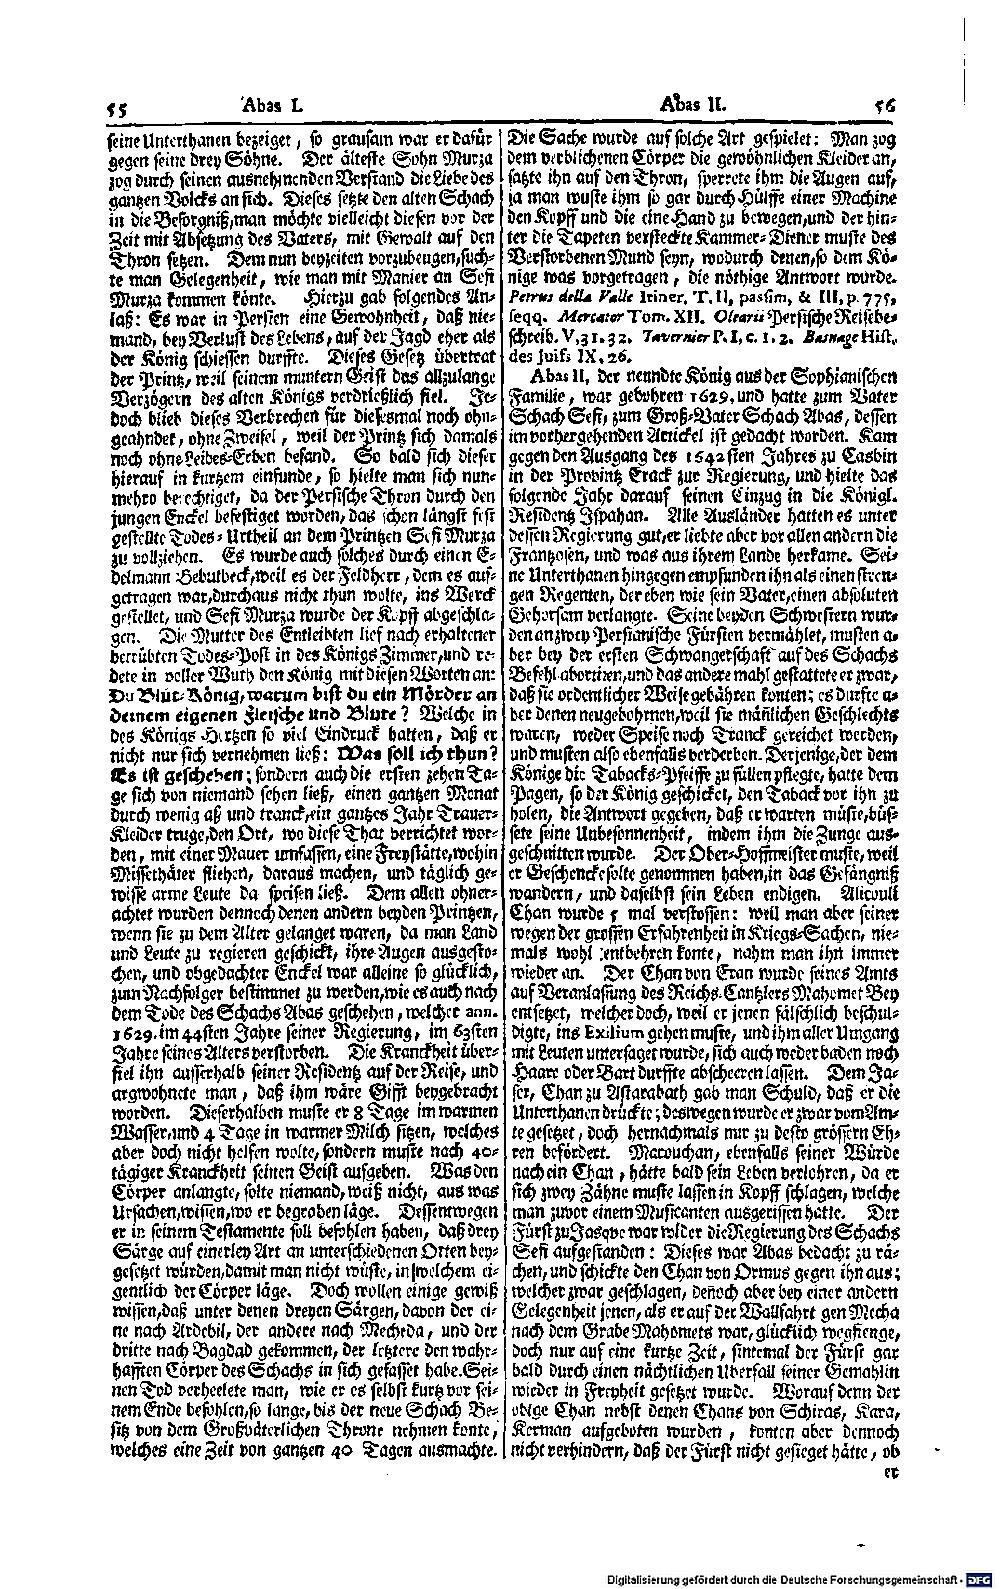 Bd. 01, Seite 0067.